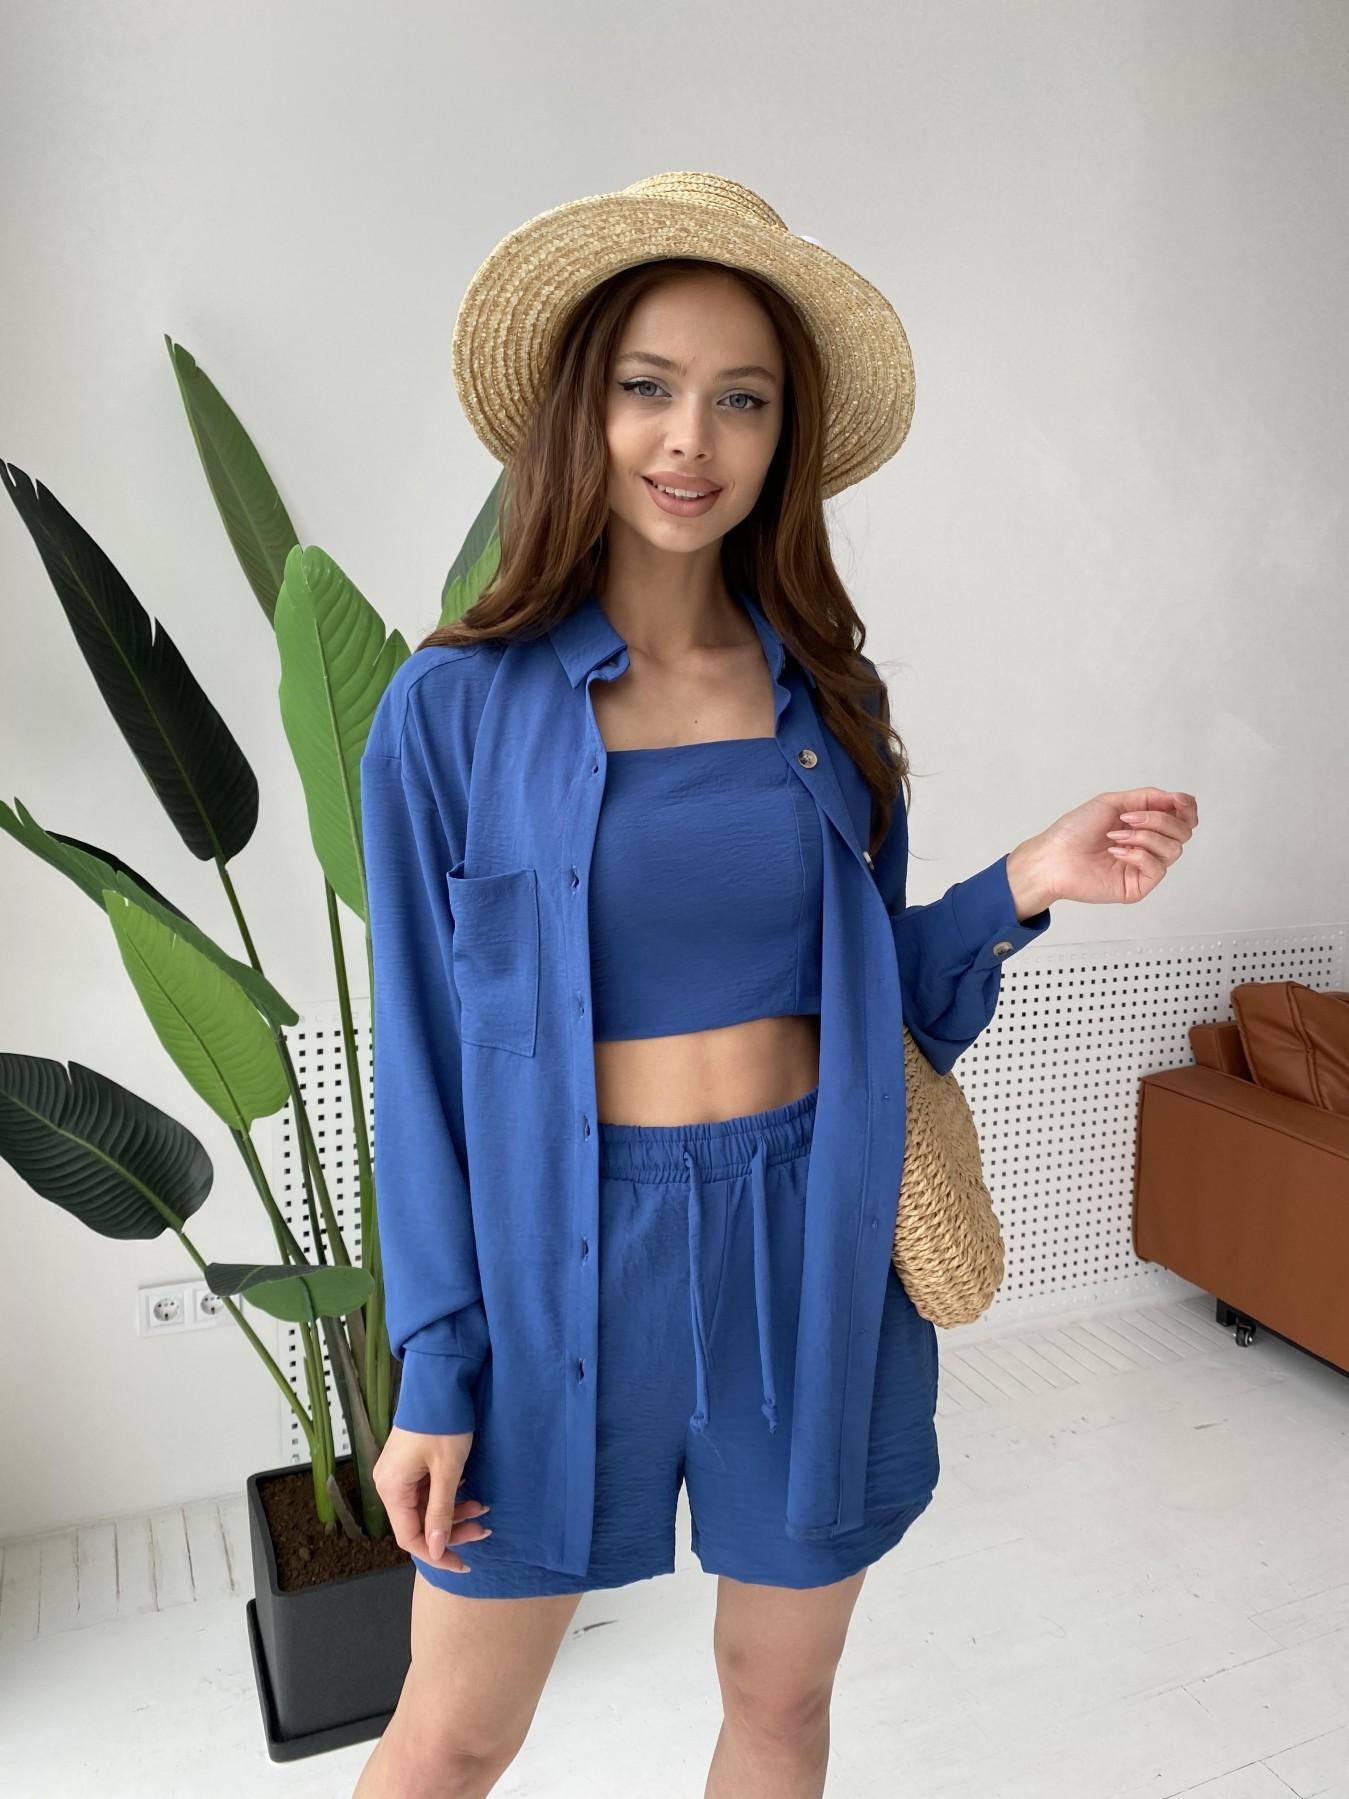 Квадро костюм американский из ткани креп (4 ед) 11303 АРТ. 47955 Цвет: Синий - фото 7, интернет магазин tm-modus.ru